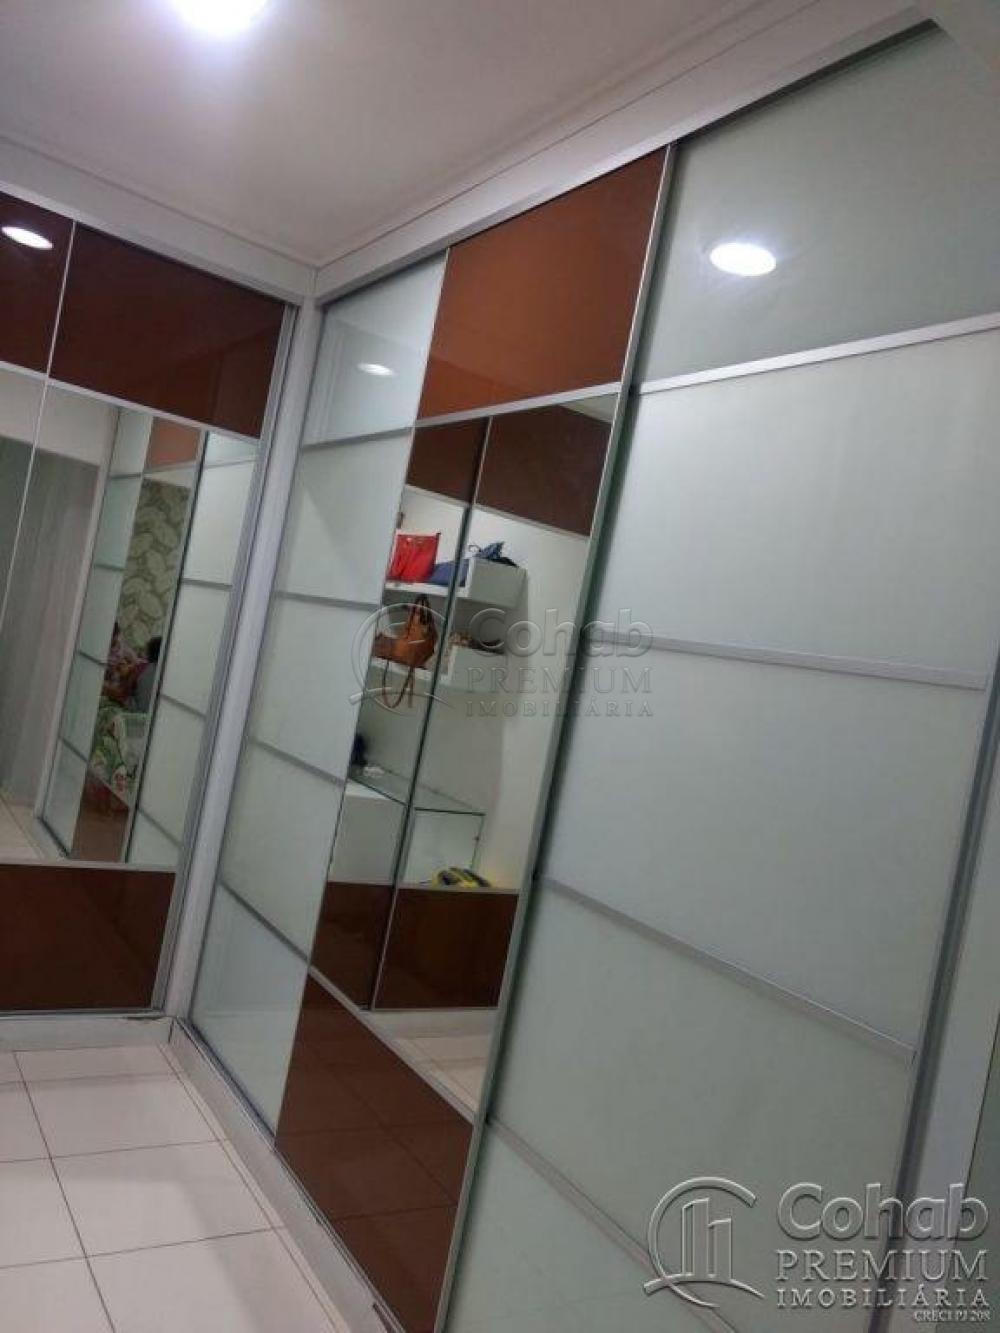 Comprar Casa / Padrão em Aracaju apenas R$ 530.000,00 - Foto 12